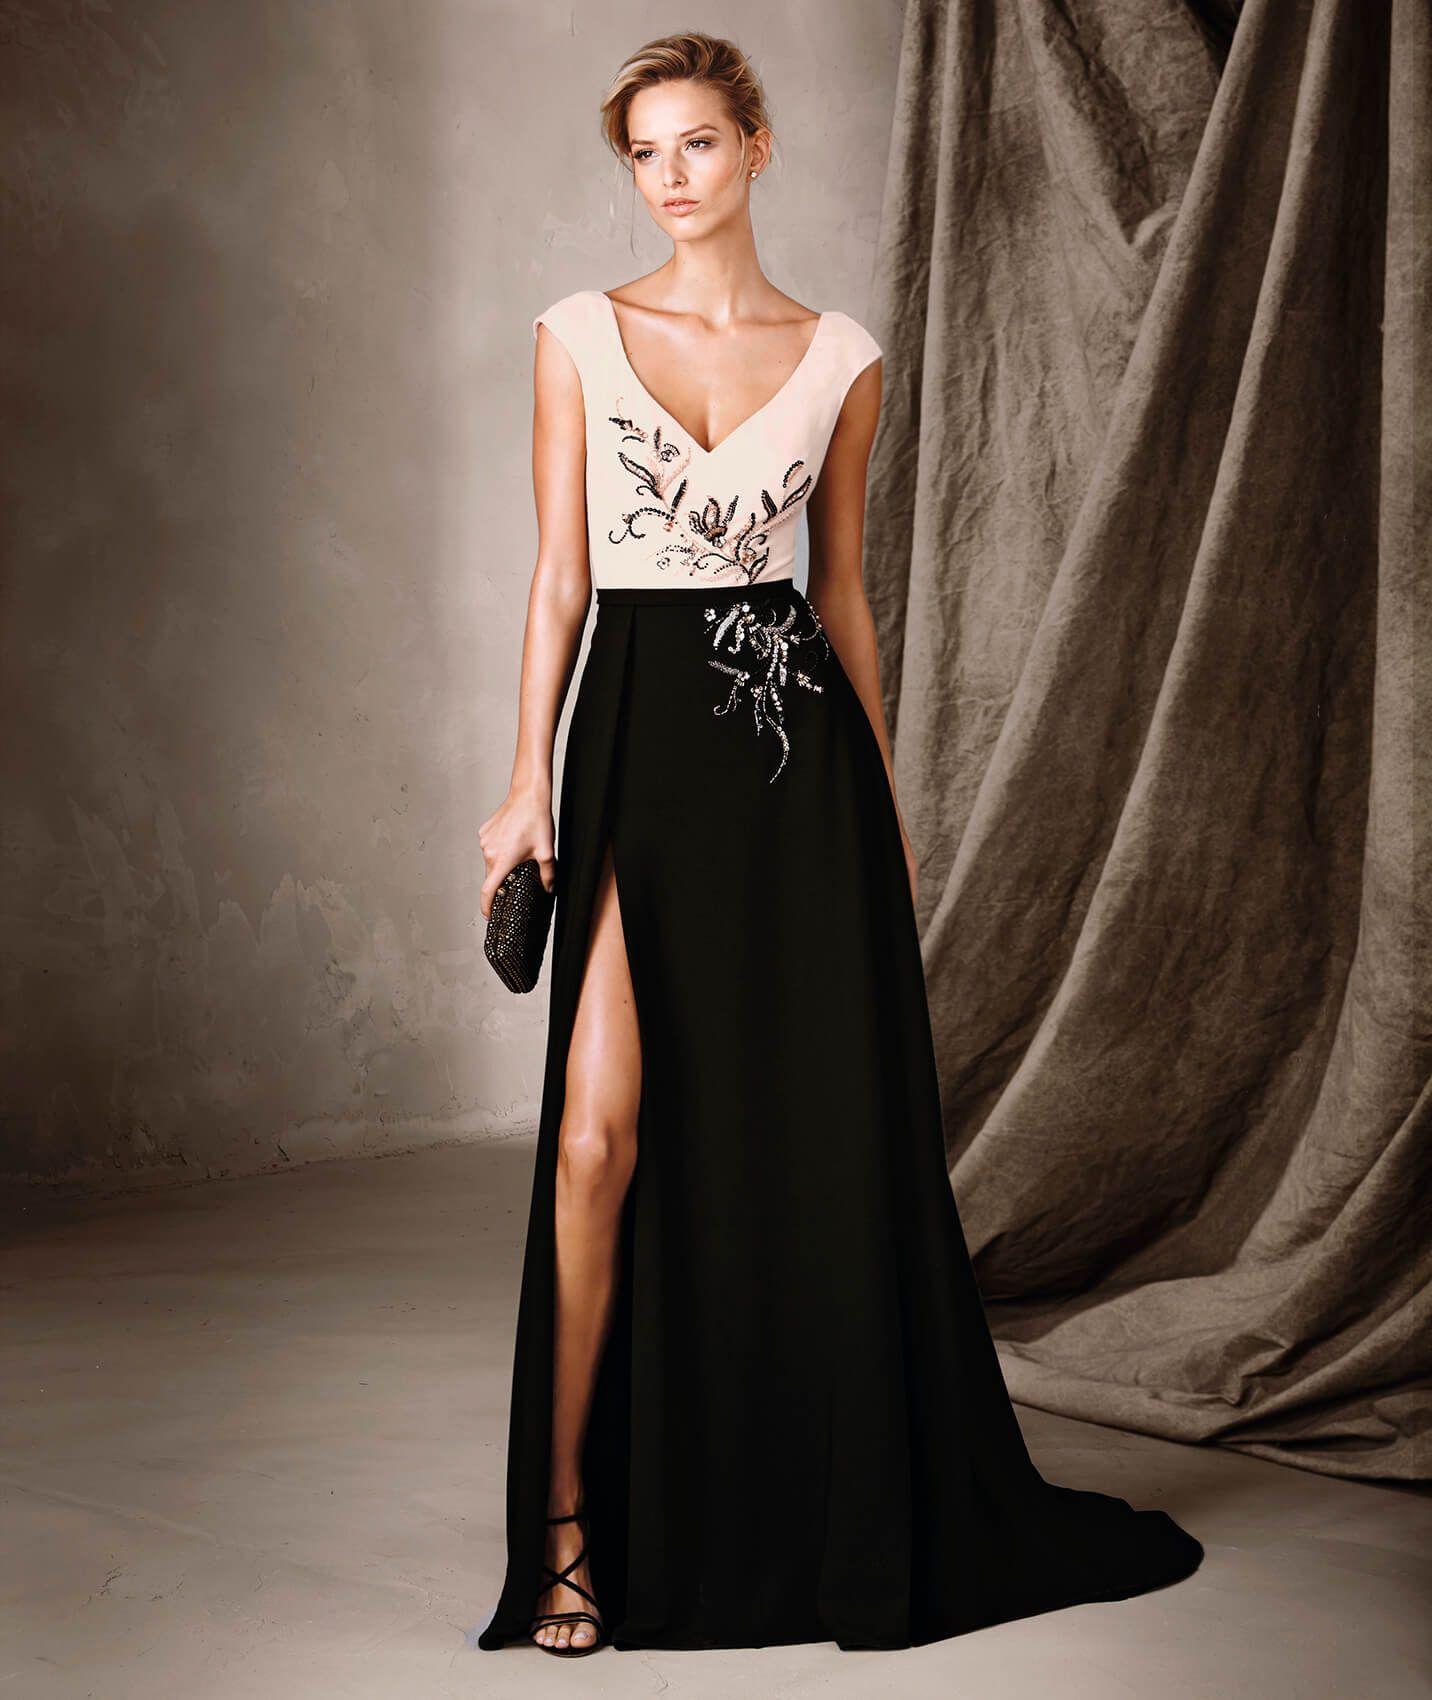 537e091c89841 CELESTE - Vestido bicolor largo y escote en V Pronovias